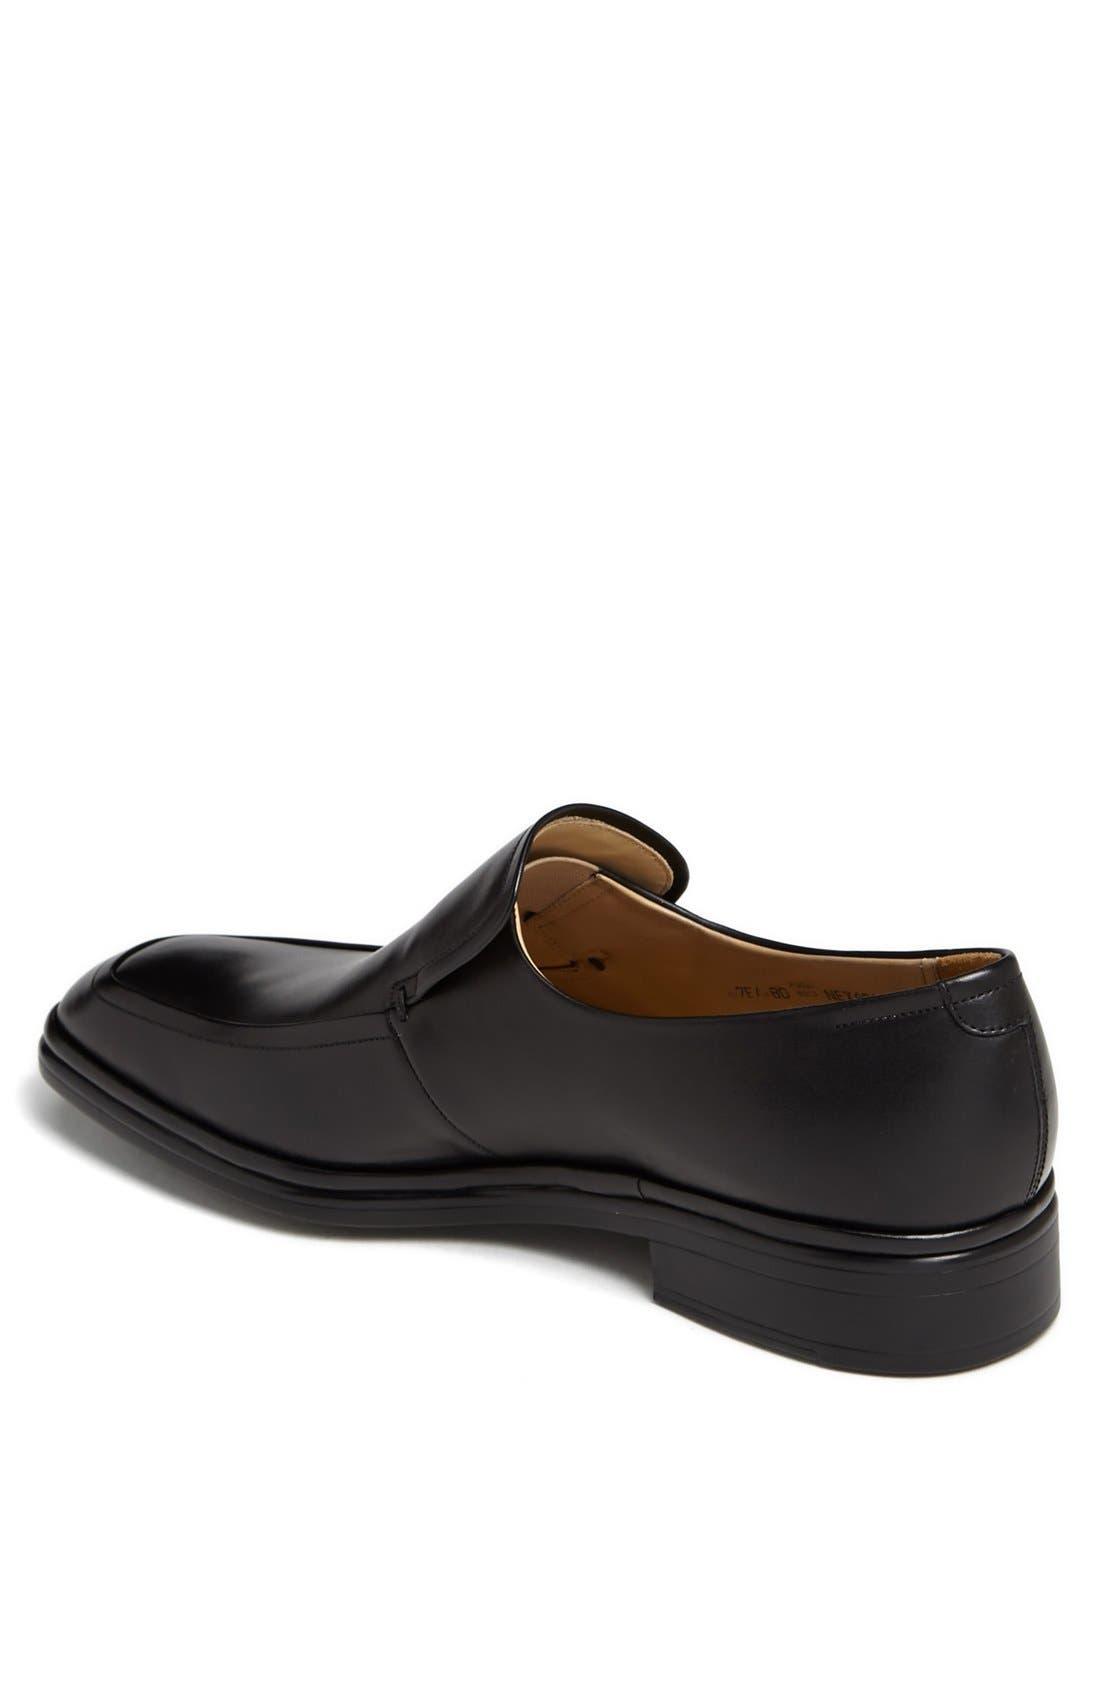 Alternate Image 2  - Bally 'Nexaro' Venetian Loafer